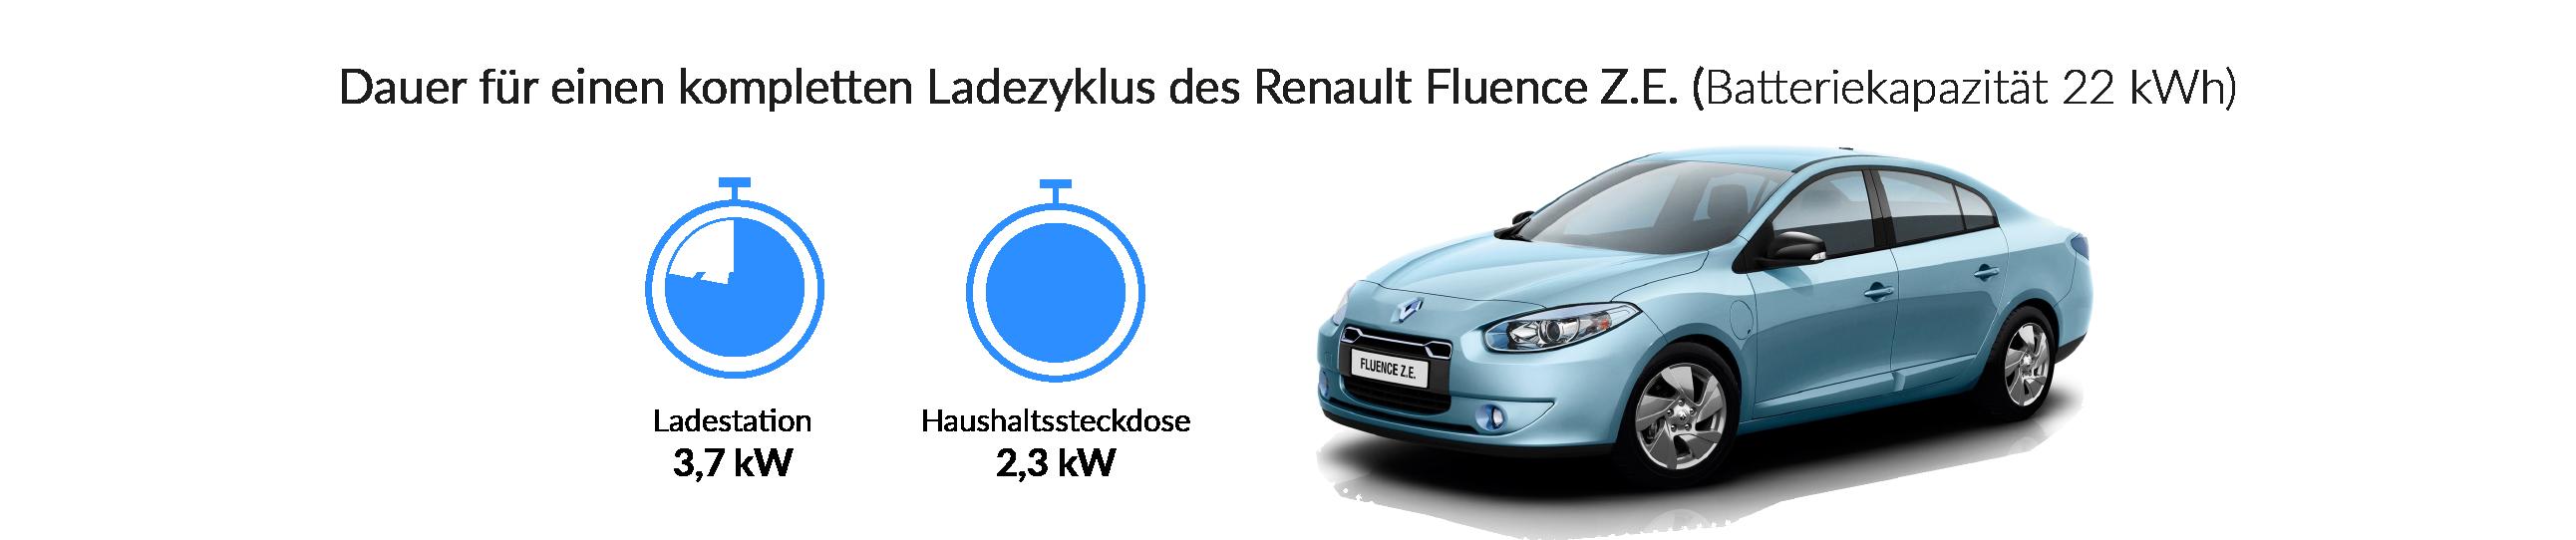 Ladezeiten des Renault Fluence Z.E.